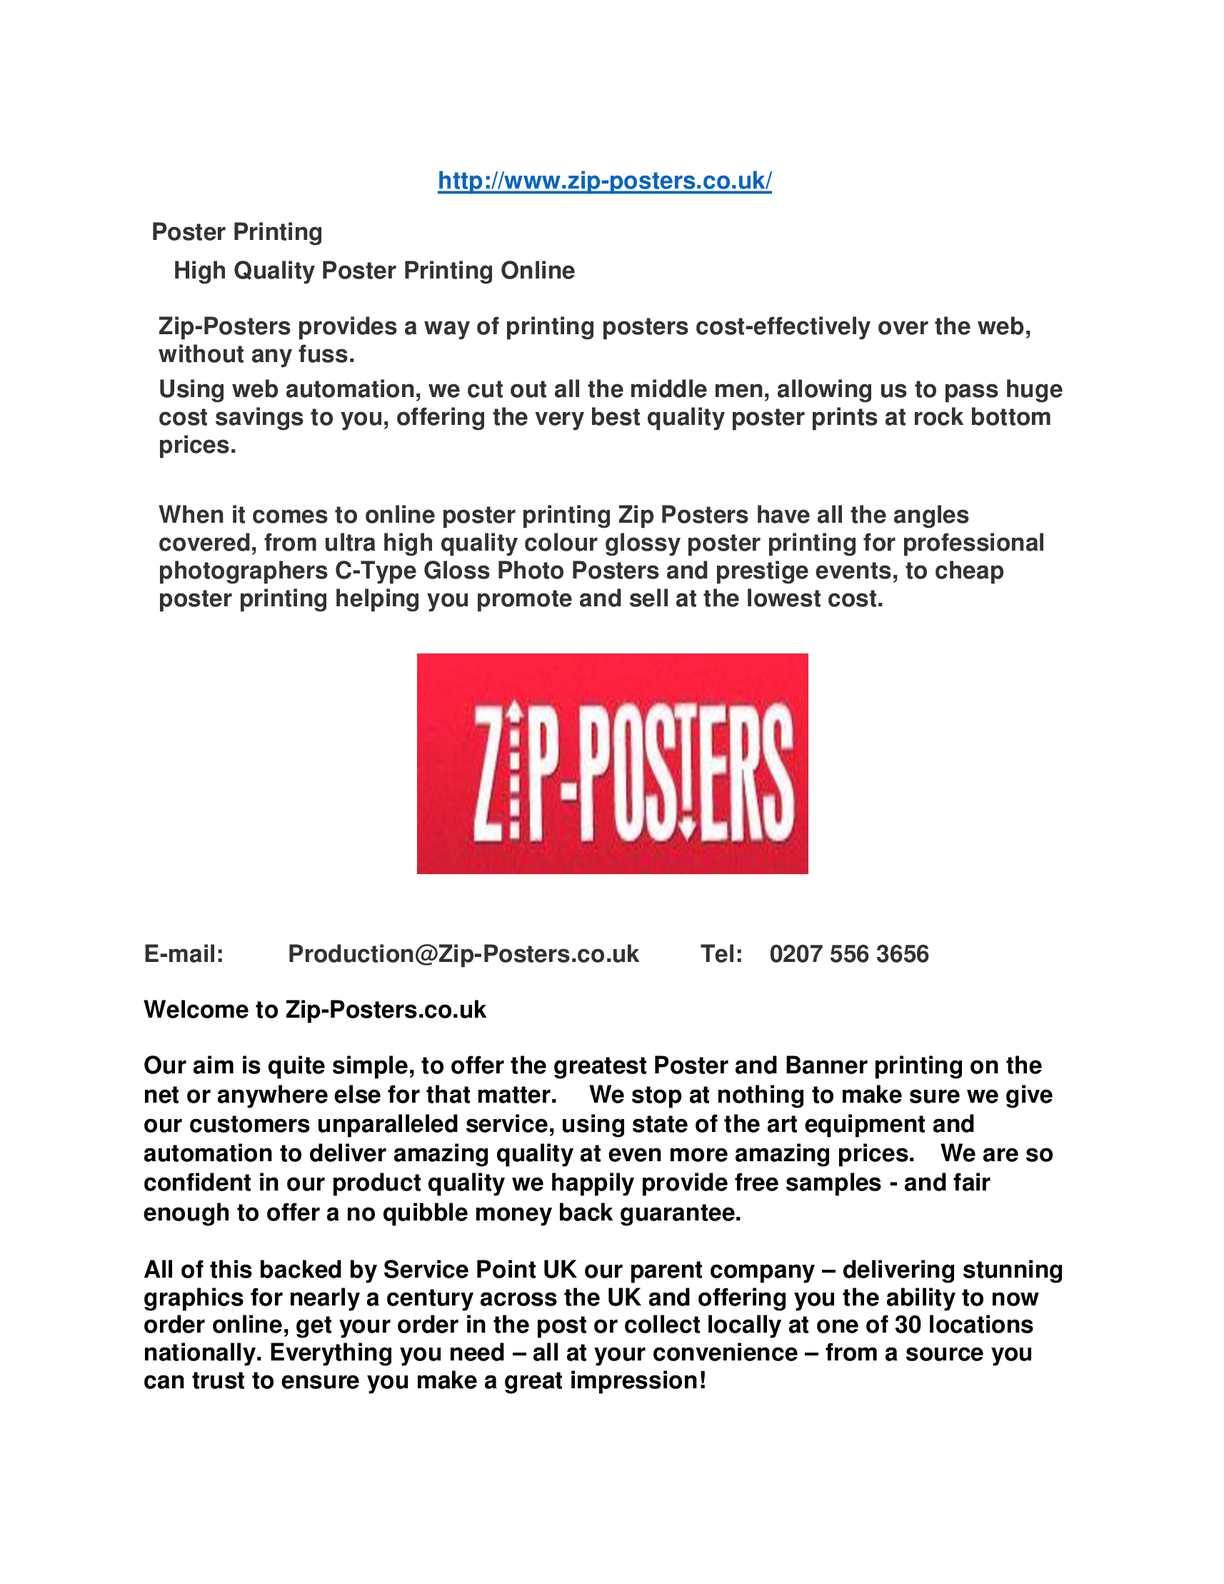 Calaméo - Cheap Poster Printing